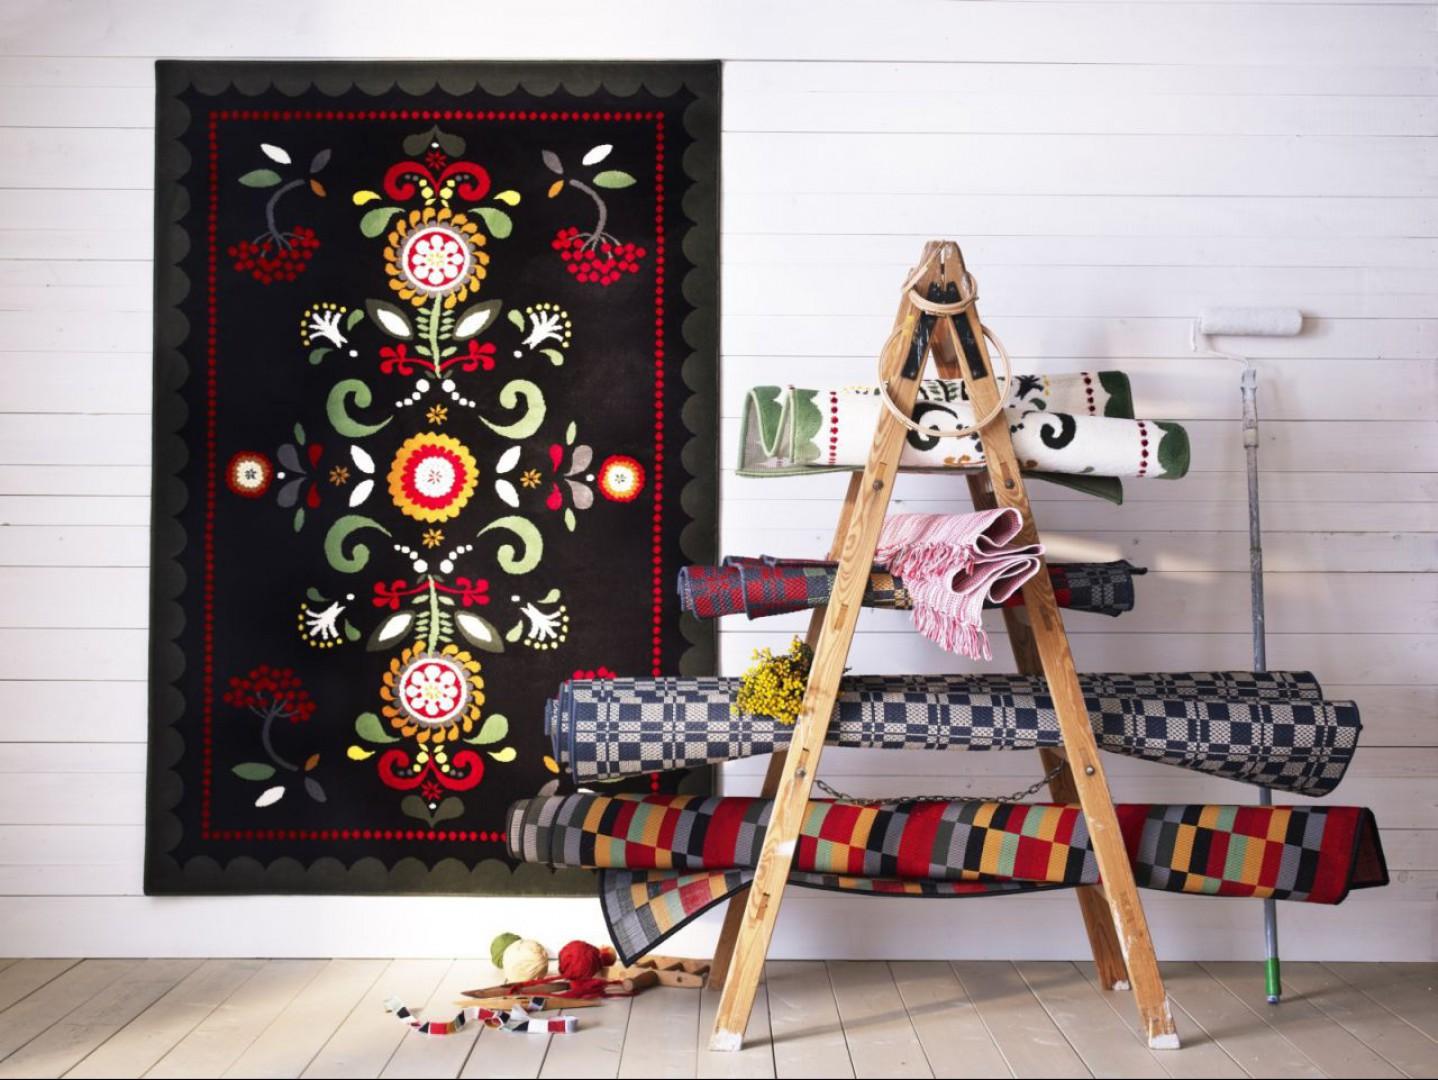 Jeśli nie chcemy stosować detalu folk na meblach, można położyć na podłodze dywan z tym motywem. Można go szybko wymienić jeśli znudzi się nam ten wzór. Fot. IKEA